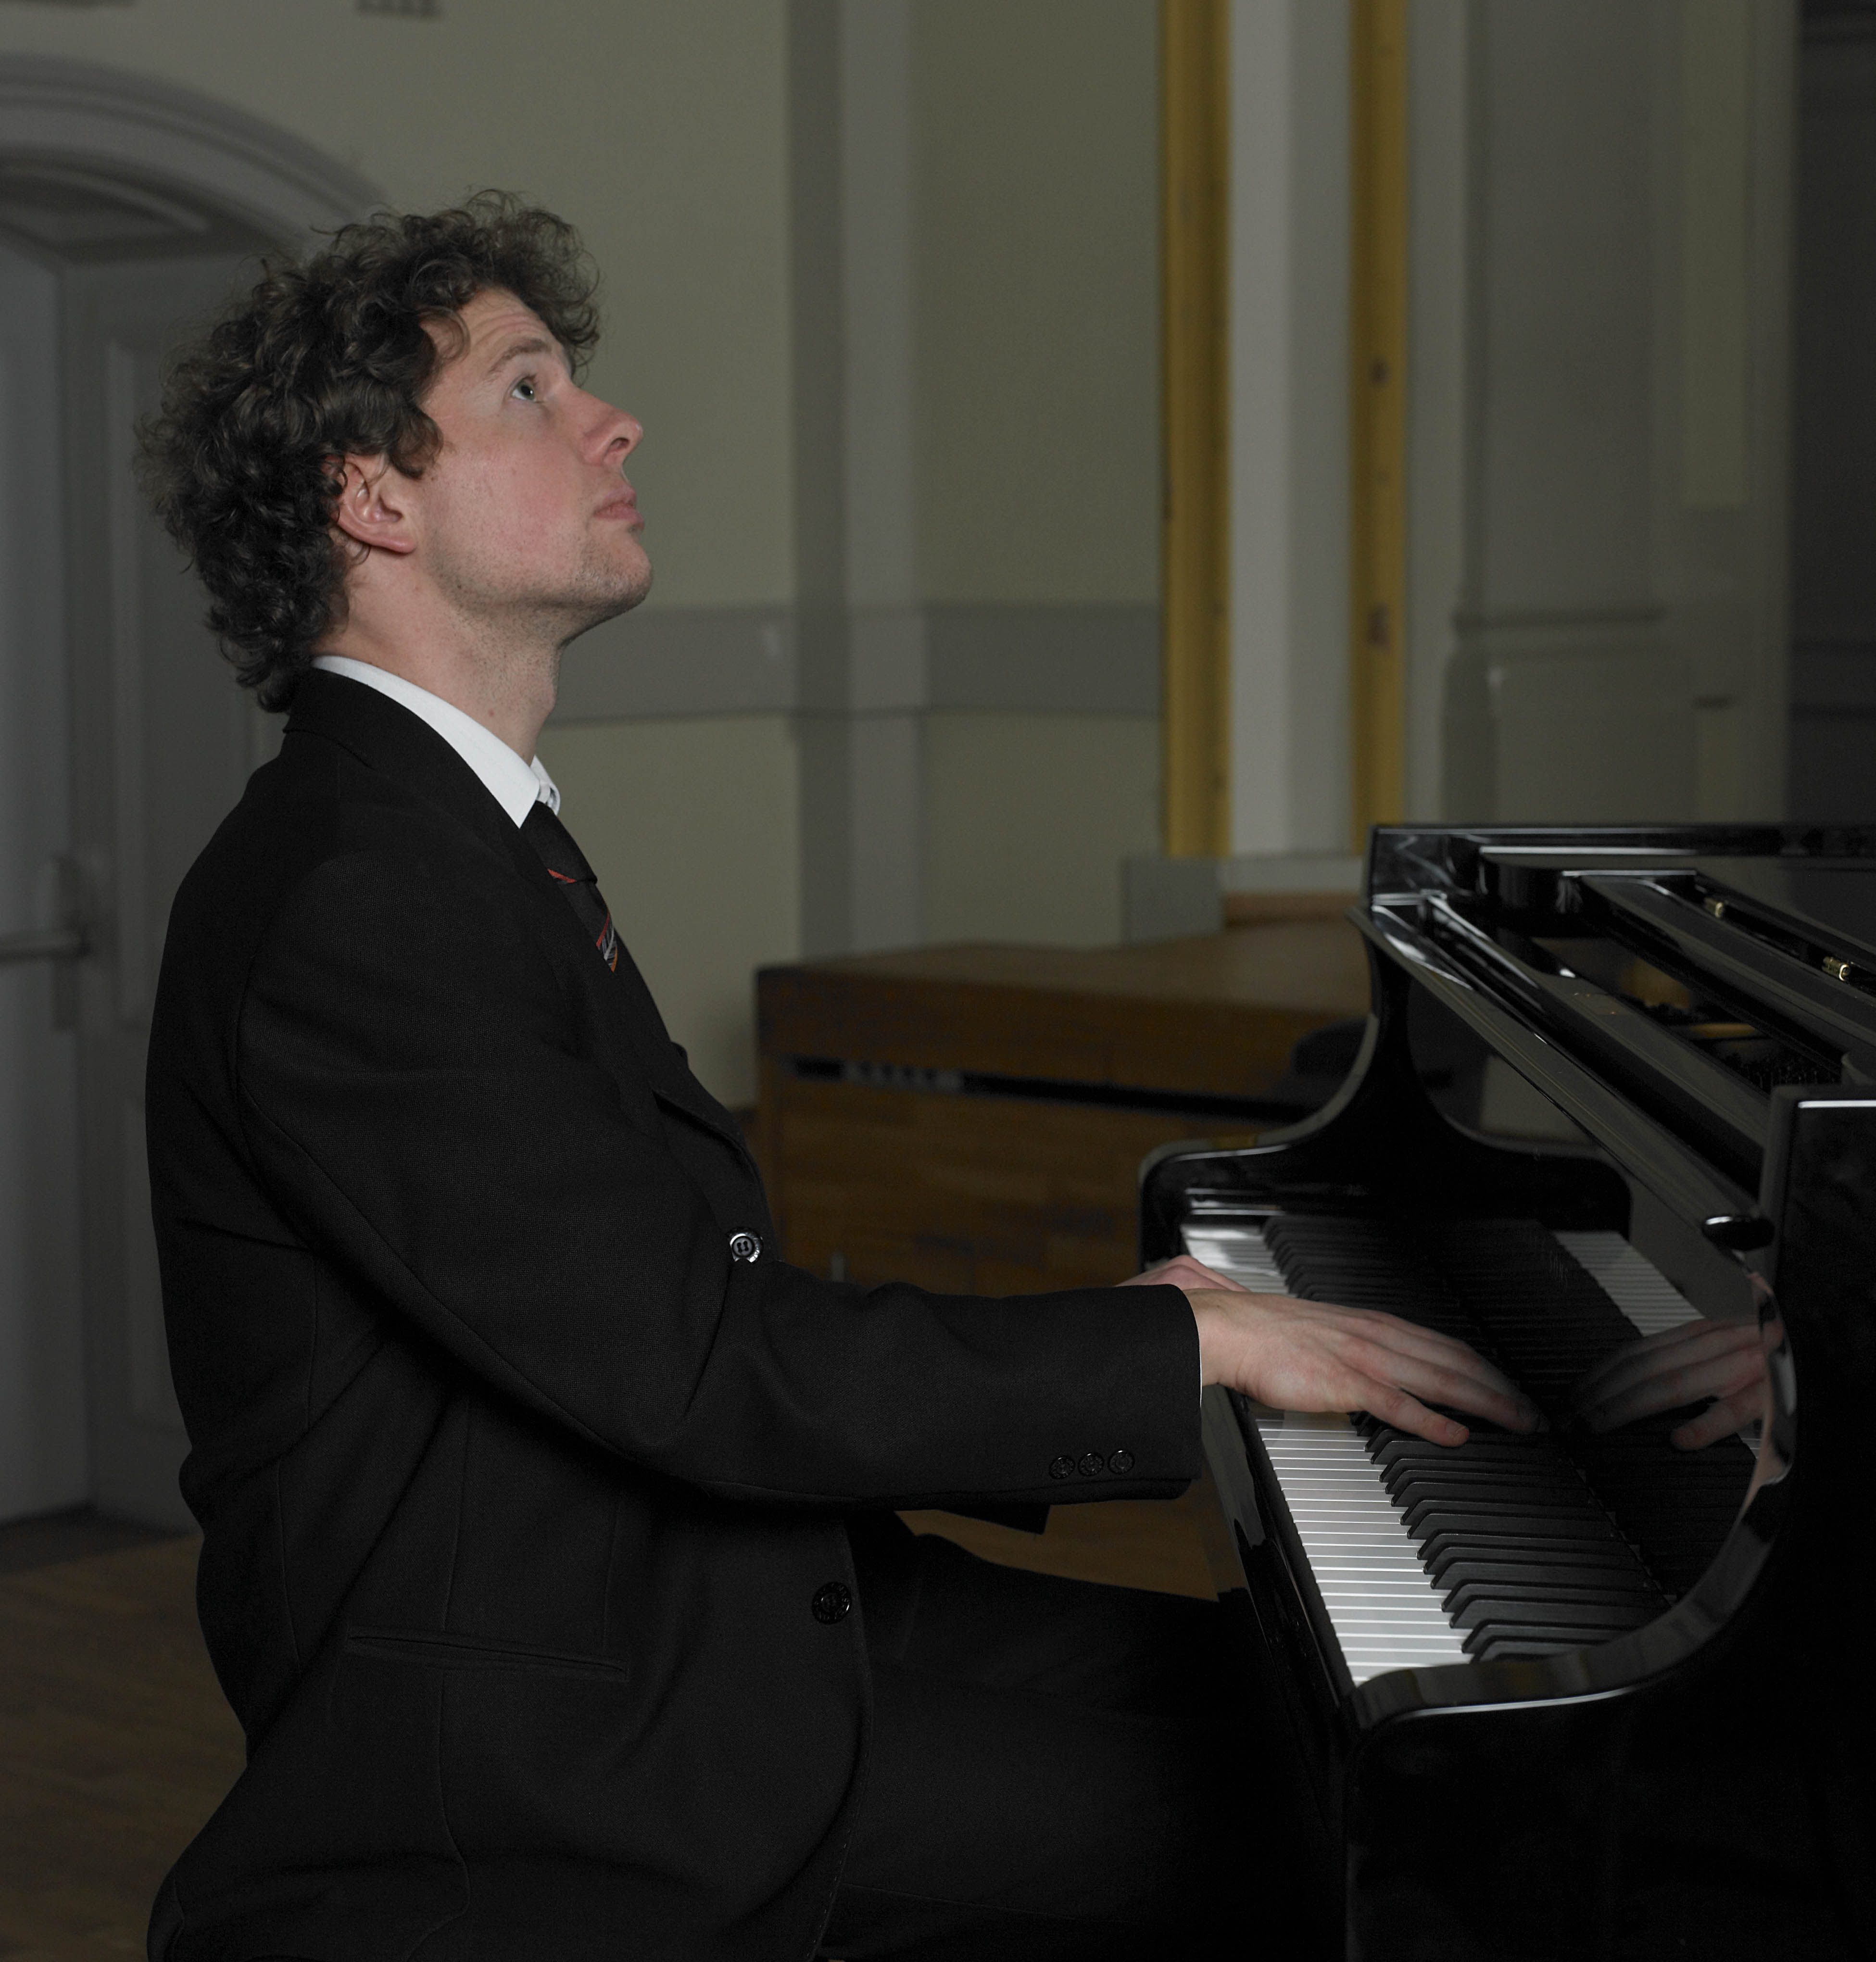 Christoph Scheffelt - Rahn Musikpreis 2008